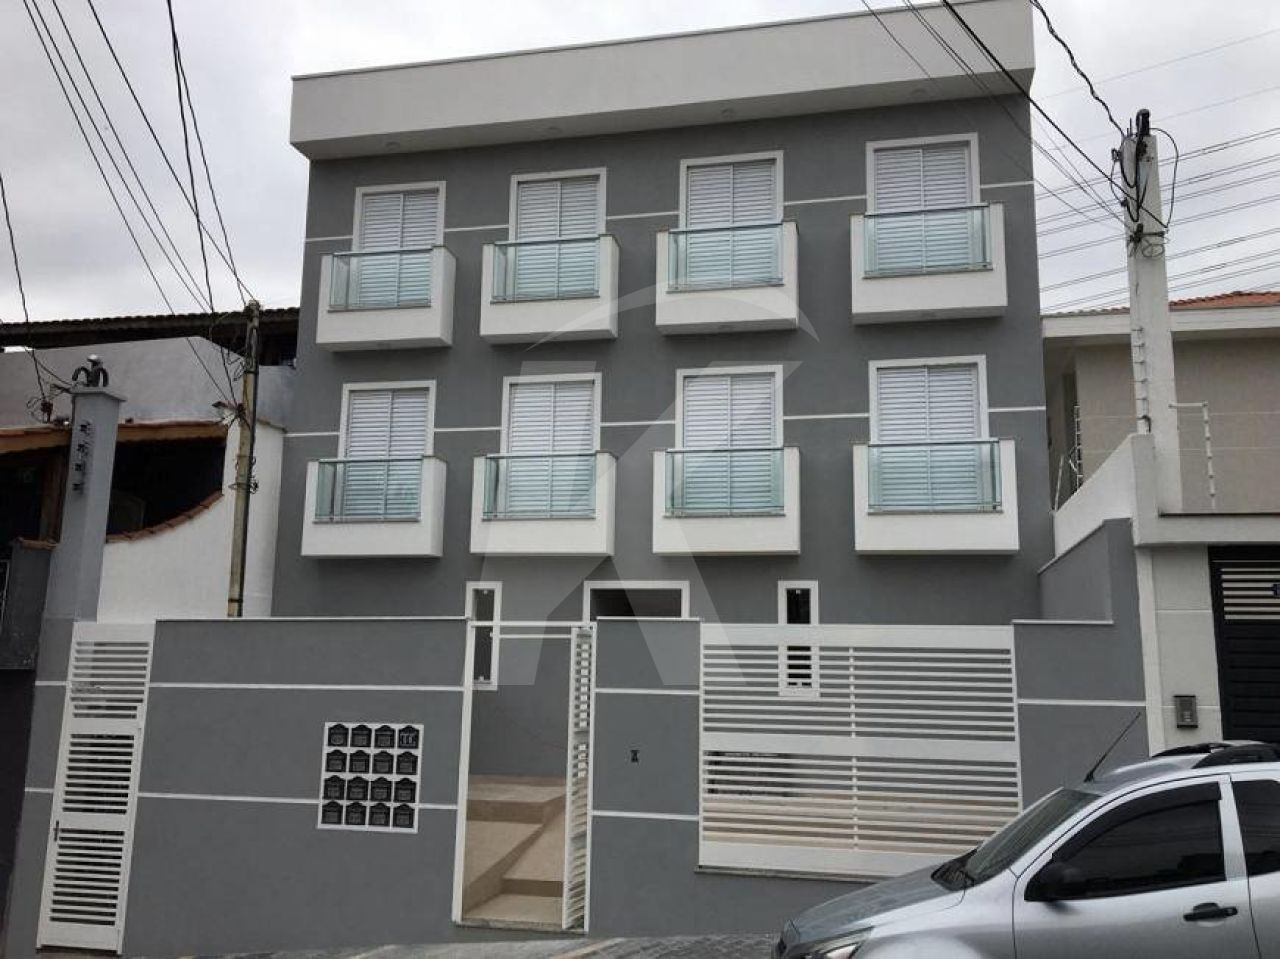 Comprar - Condomínio - Vila Leonor - 1 dormitórios.